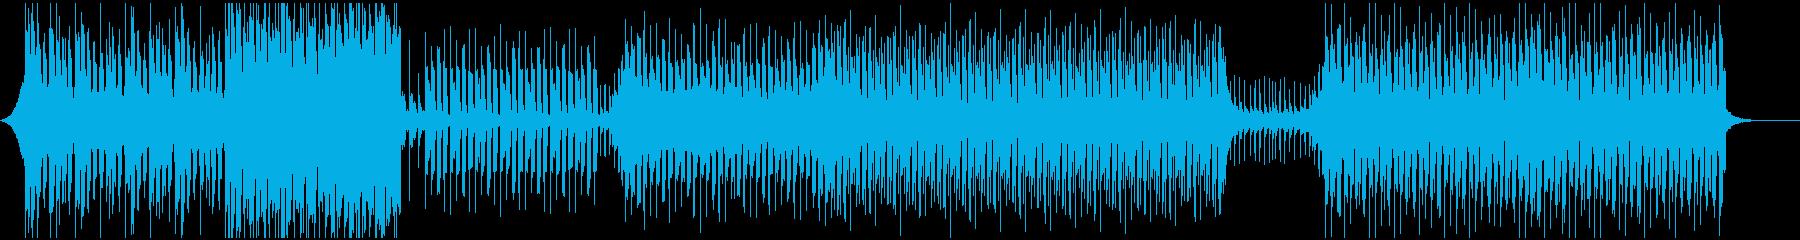 スタイリッシュなトロピカルハウスの再生済みの波形